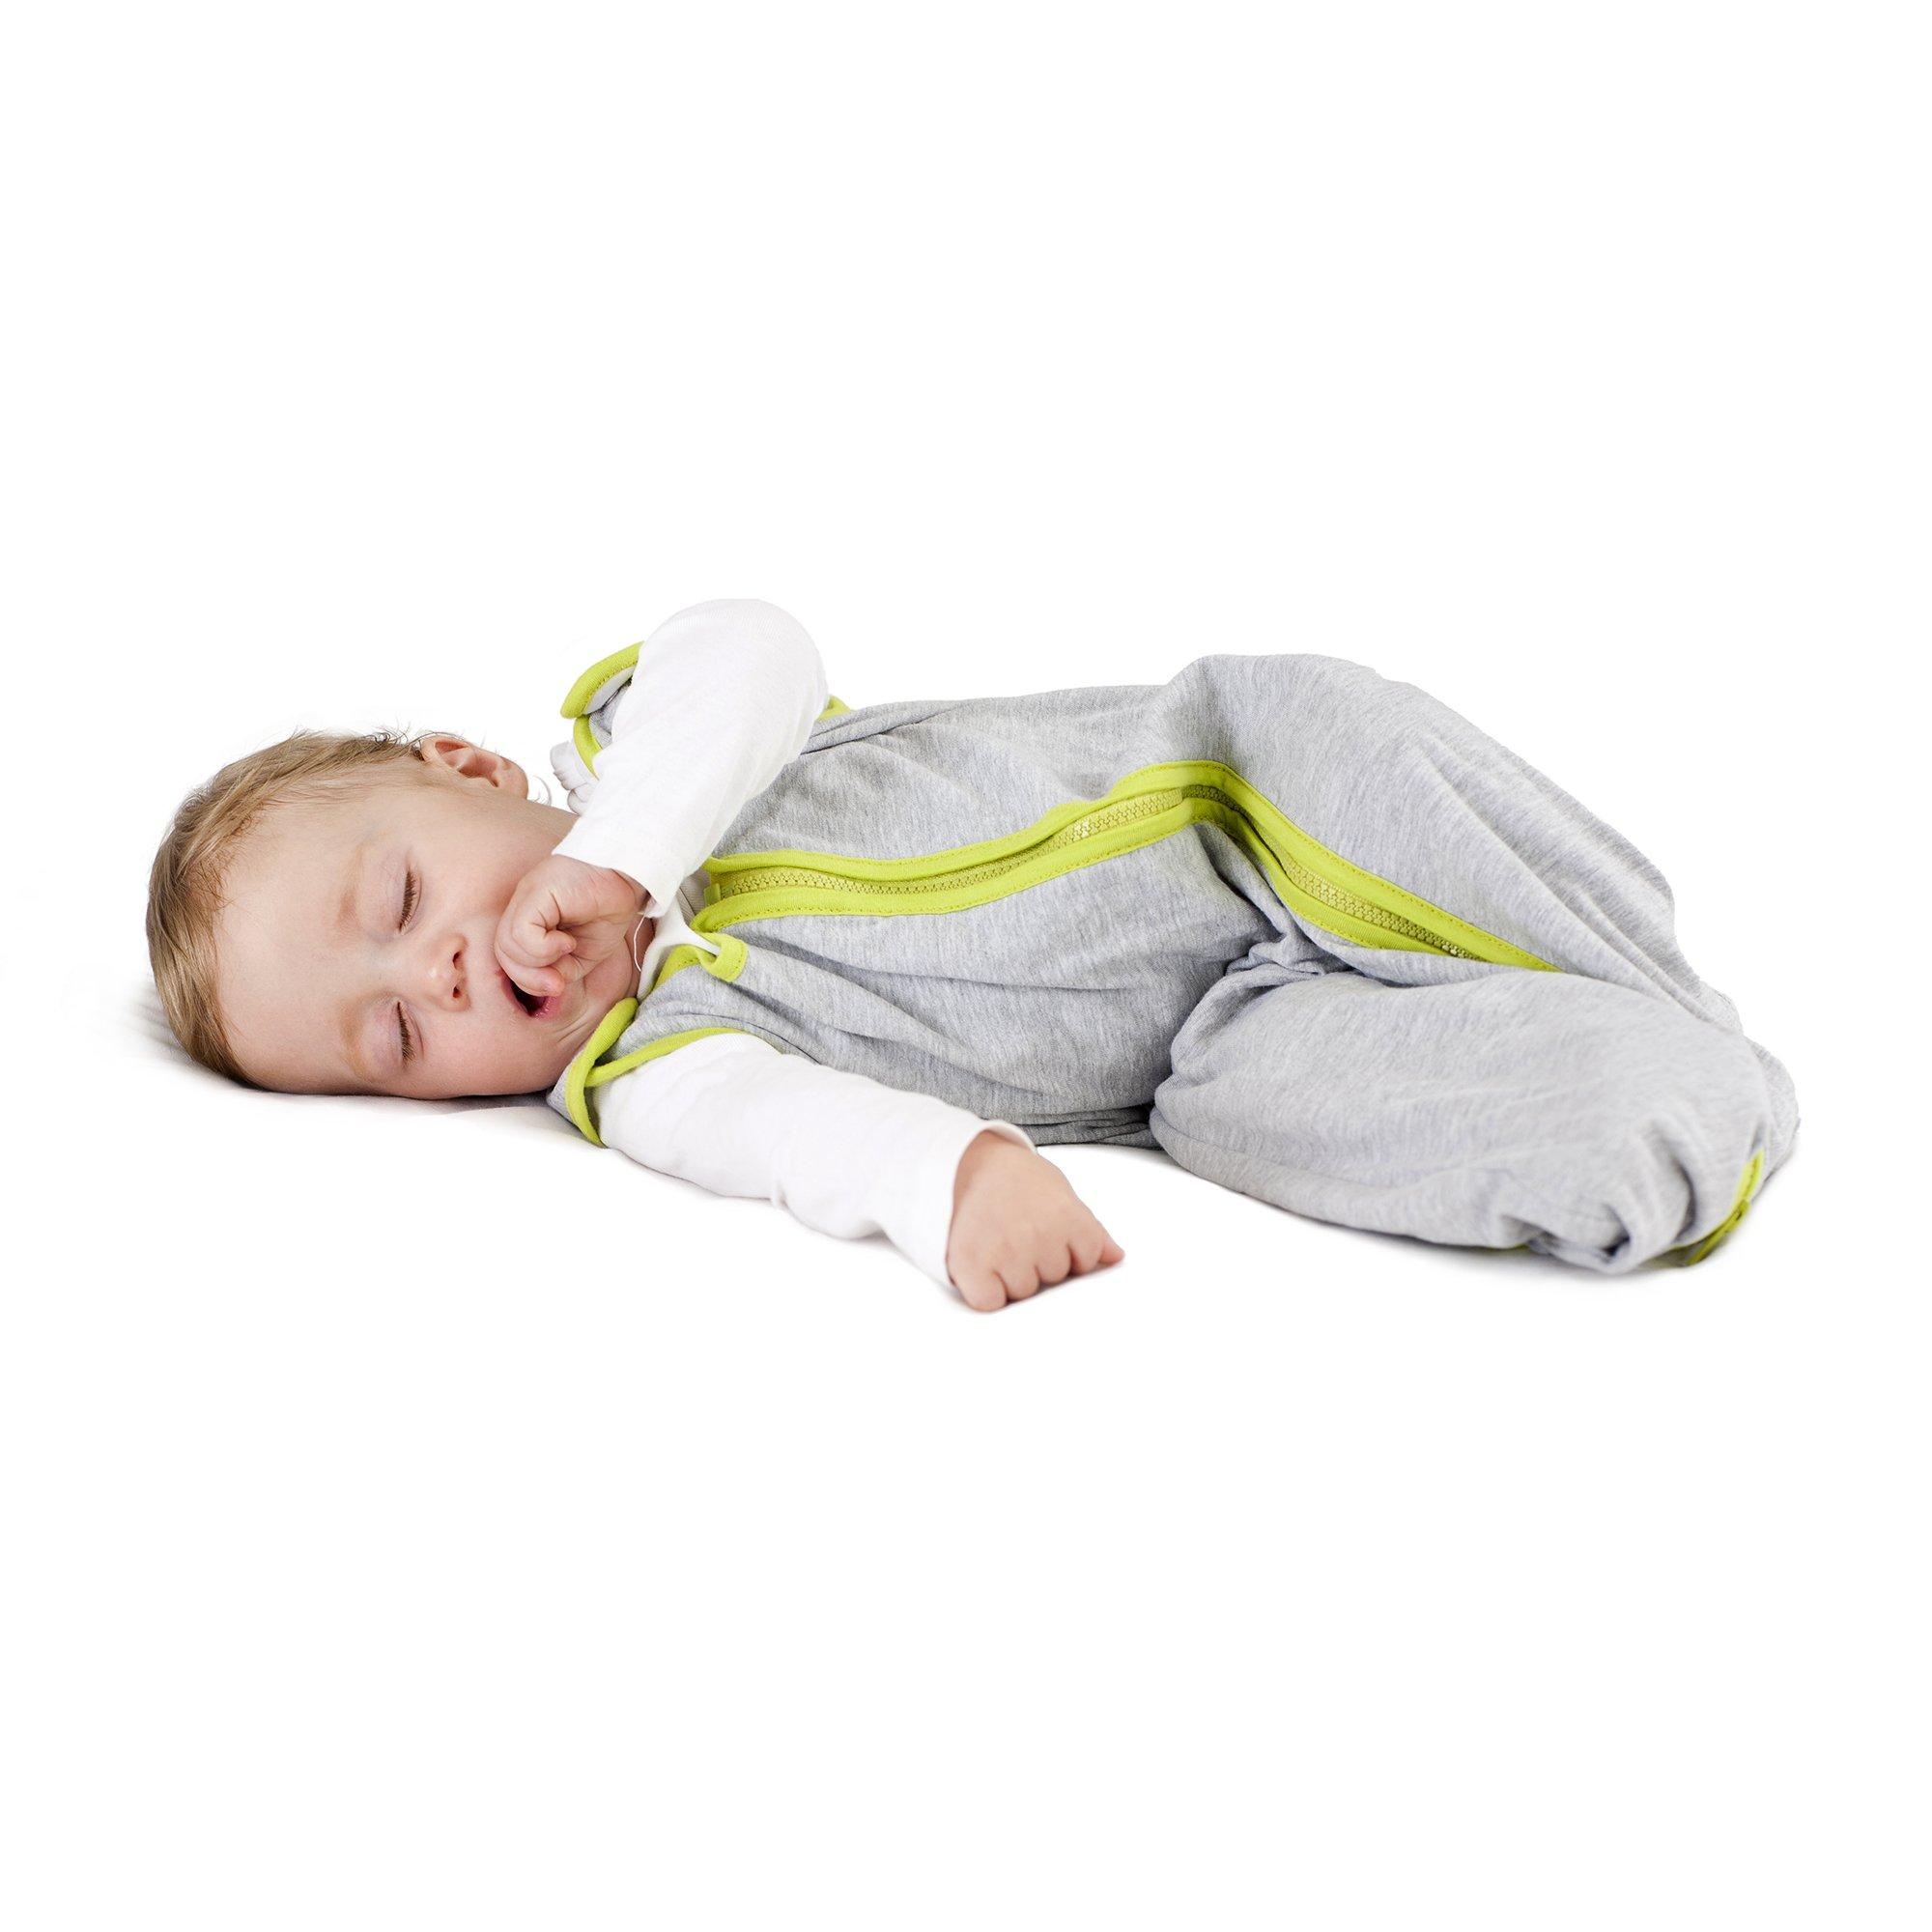 Amazon Com Baby Deedee Sleep Nest Lite Baby Sleeping Bag